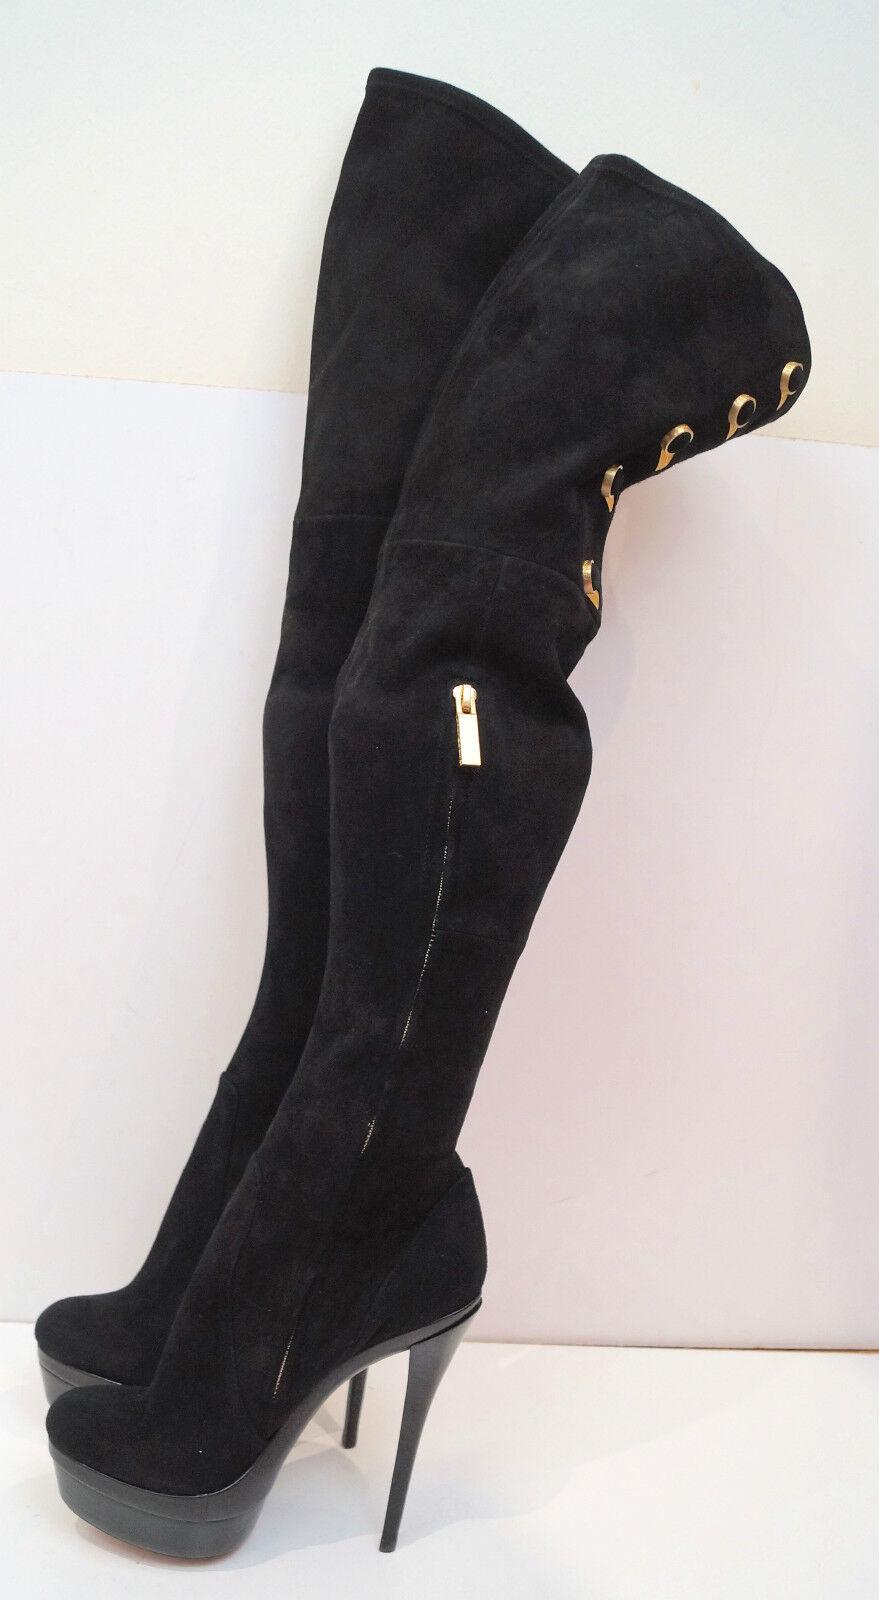 negozio fa acquisti e vendite Rachel ZOE neri in pelle scamosciata coscia alta oro Tone Tone Tone piattaforma stivali da sera EU30 UK6  comprare a buon mercato